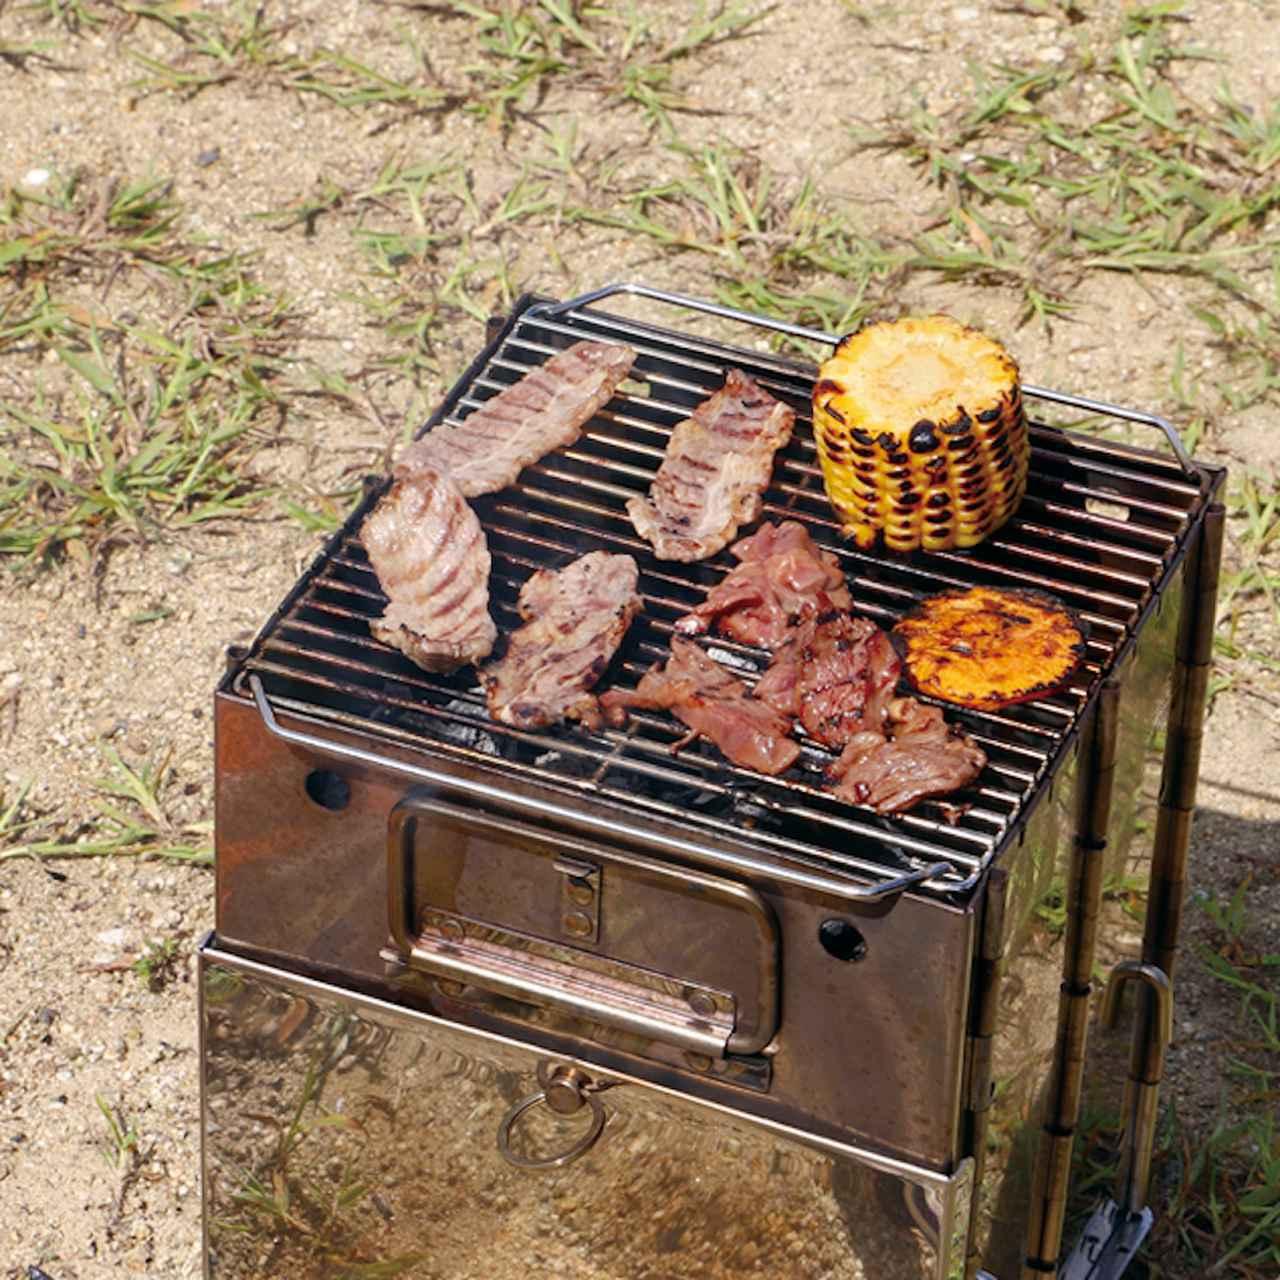 画像2: 「FLAME BOX」は、焚き火から調理まで!1台4役の多機能ギア